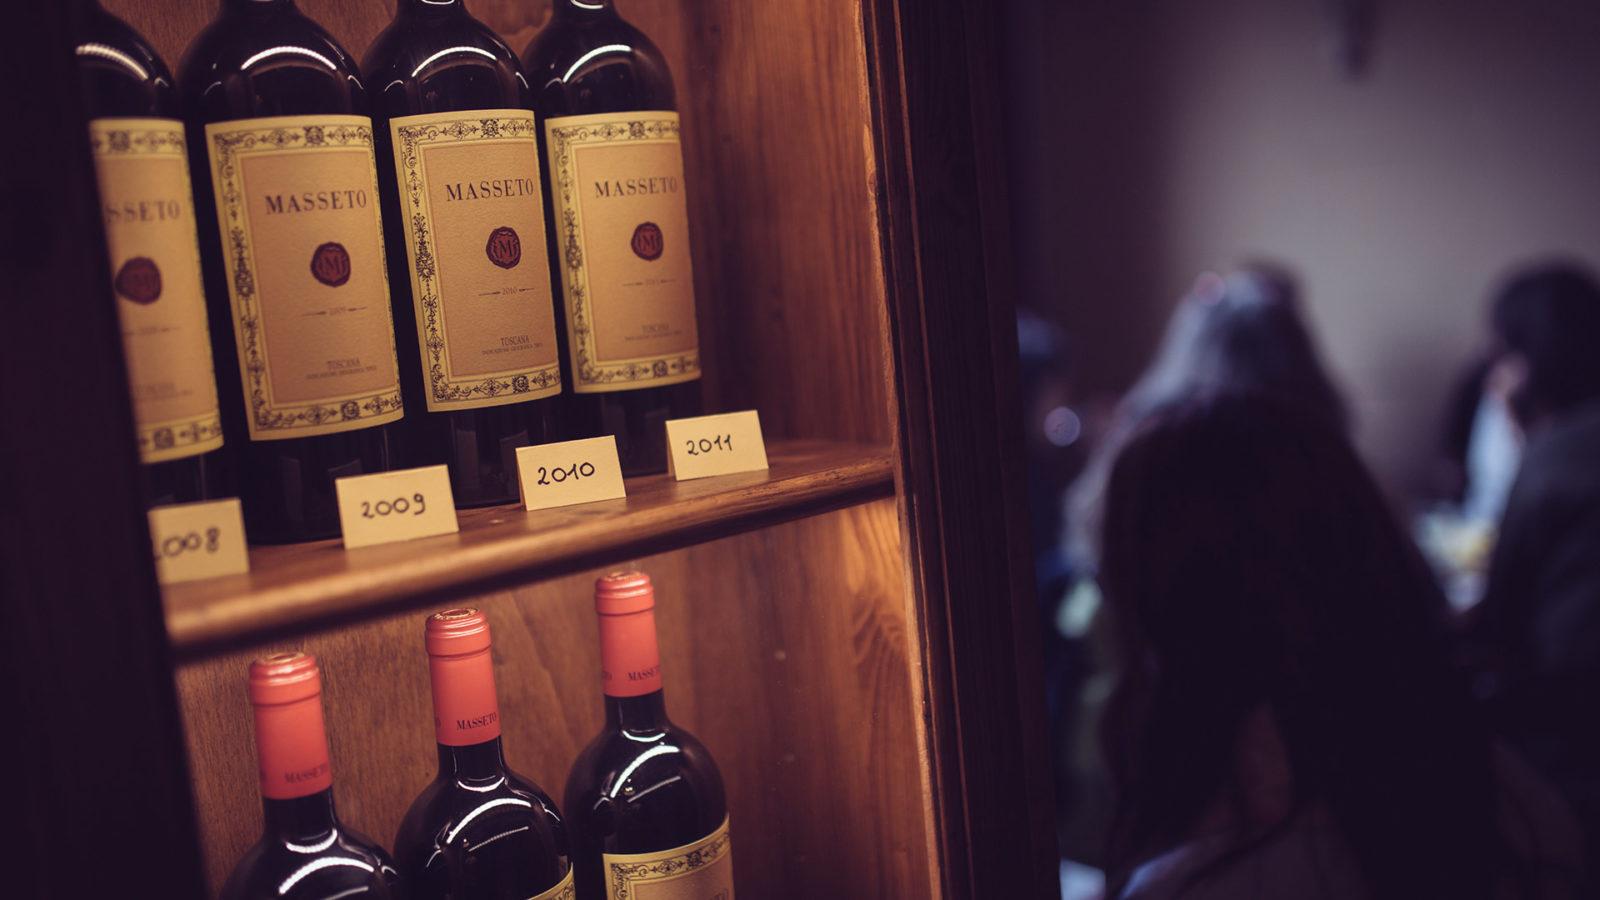 Trattoria Firenze Centro Lo Stracotto – Selezione vini toscani Masseto